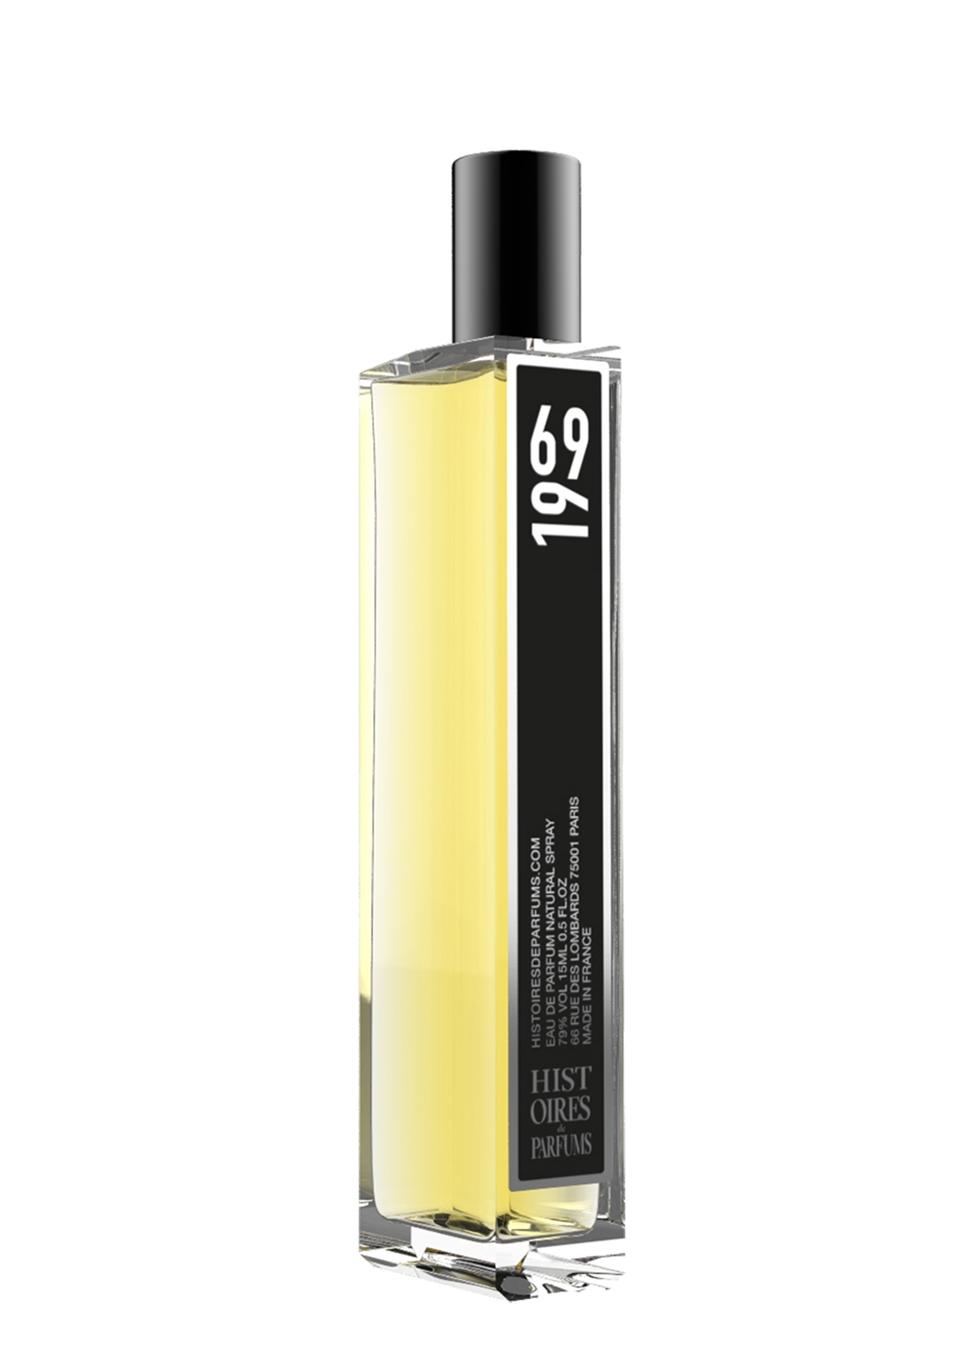 1969 Eau De Parfum 15ml - Histoires de Parfums